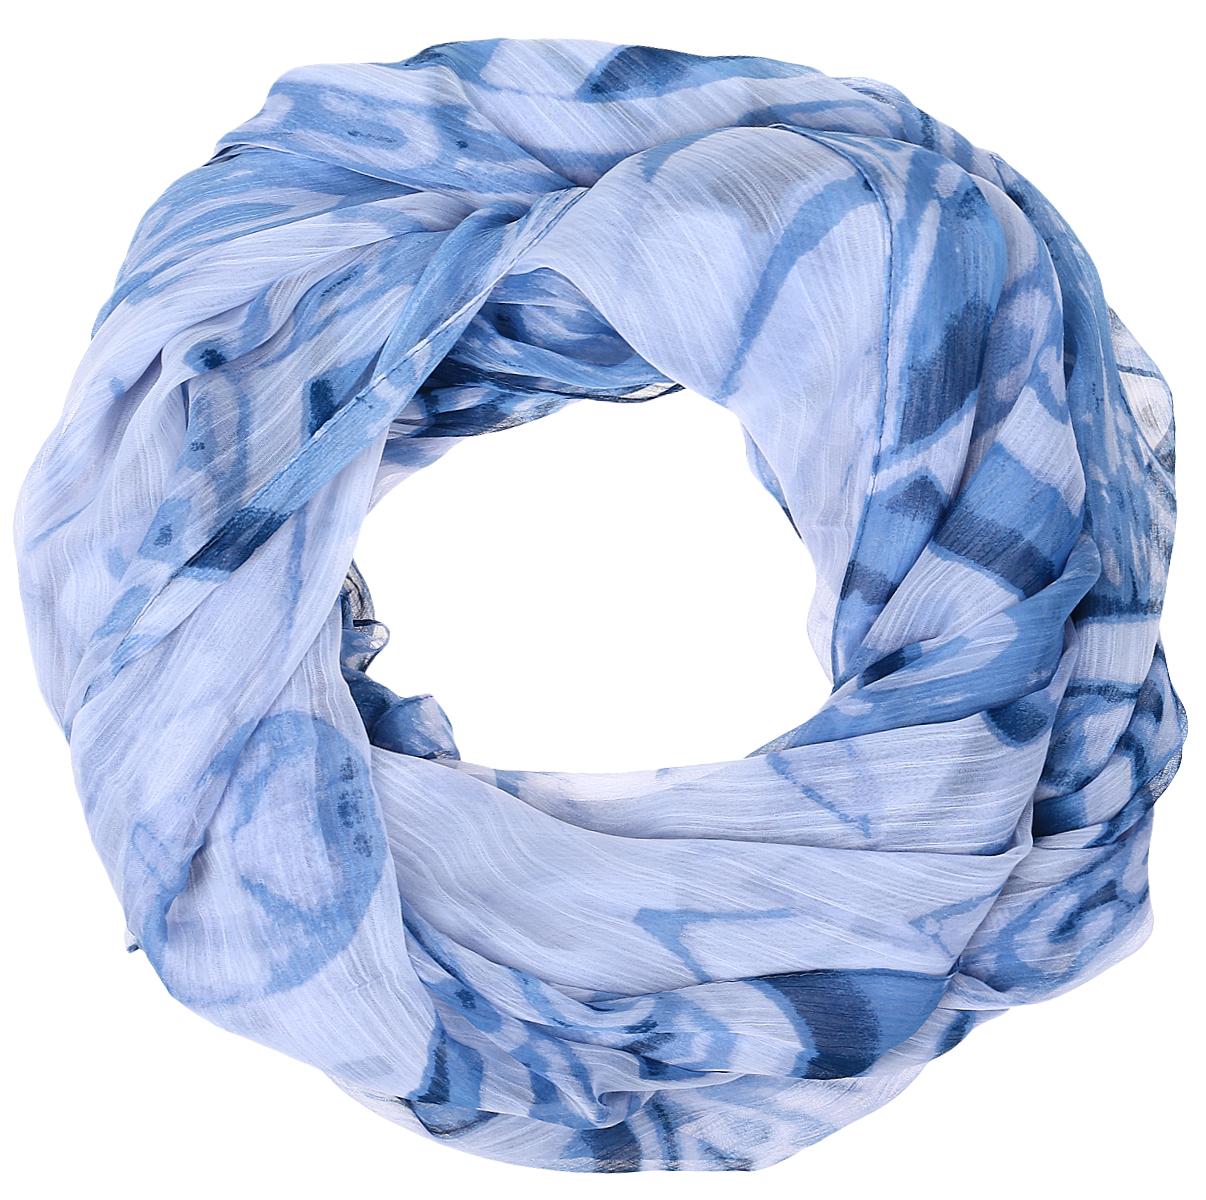 Палантин Sophie Ramage, цвет: синий, голубой. HL-11730-6. Размер 80 см х 180 смHL-11730-6Яркий палантин Sophie Ramage изготовлен из модала и шелка. Модель оформлена оригинальным принтом. Изделия Sophie Ramage приятные на ощупь и подойдут к любому стилю.